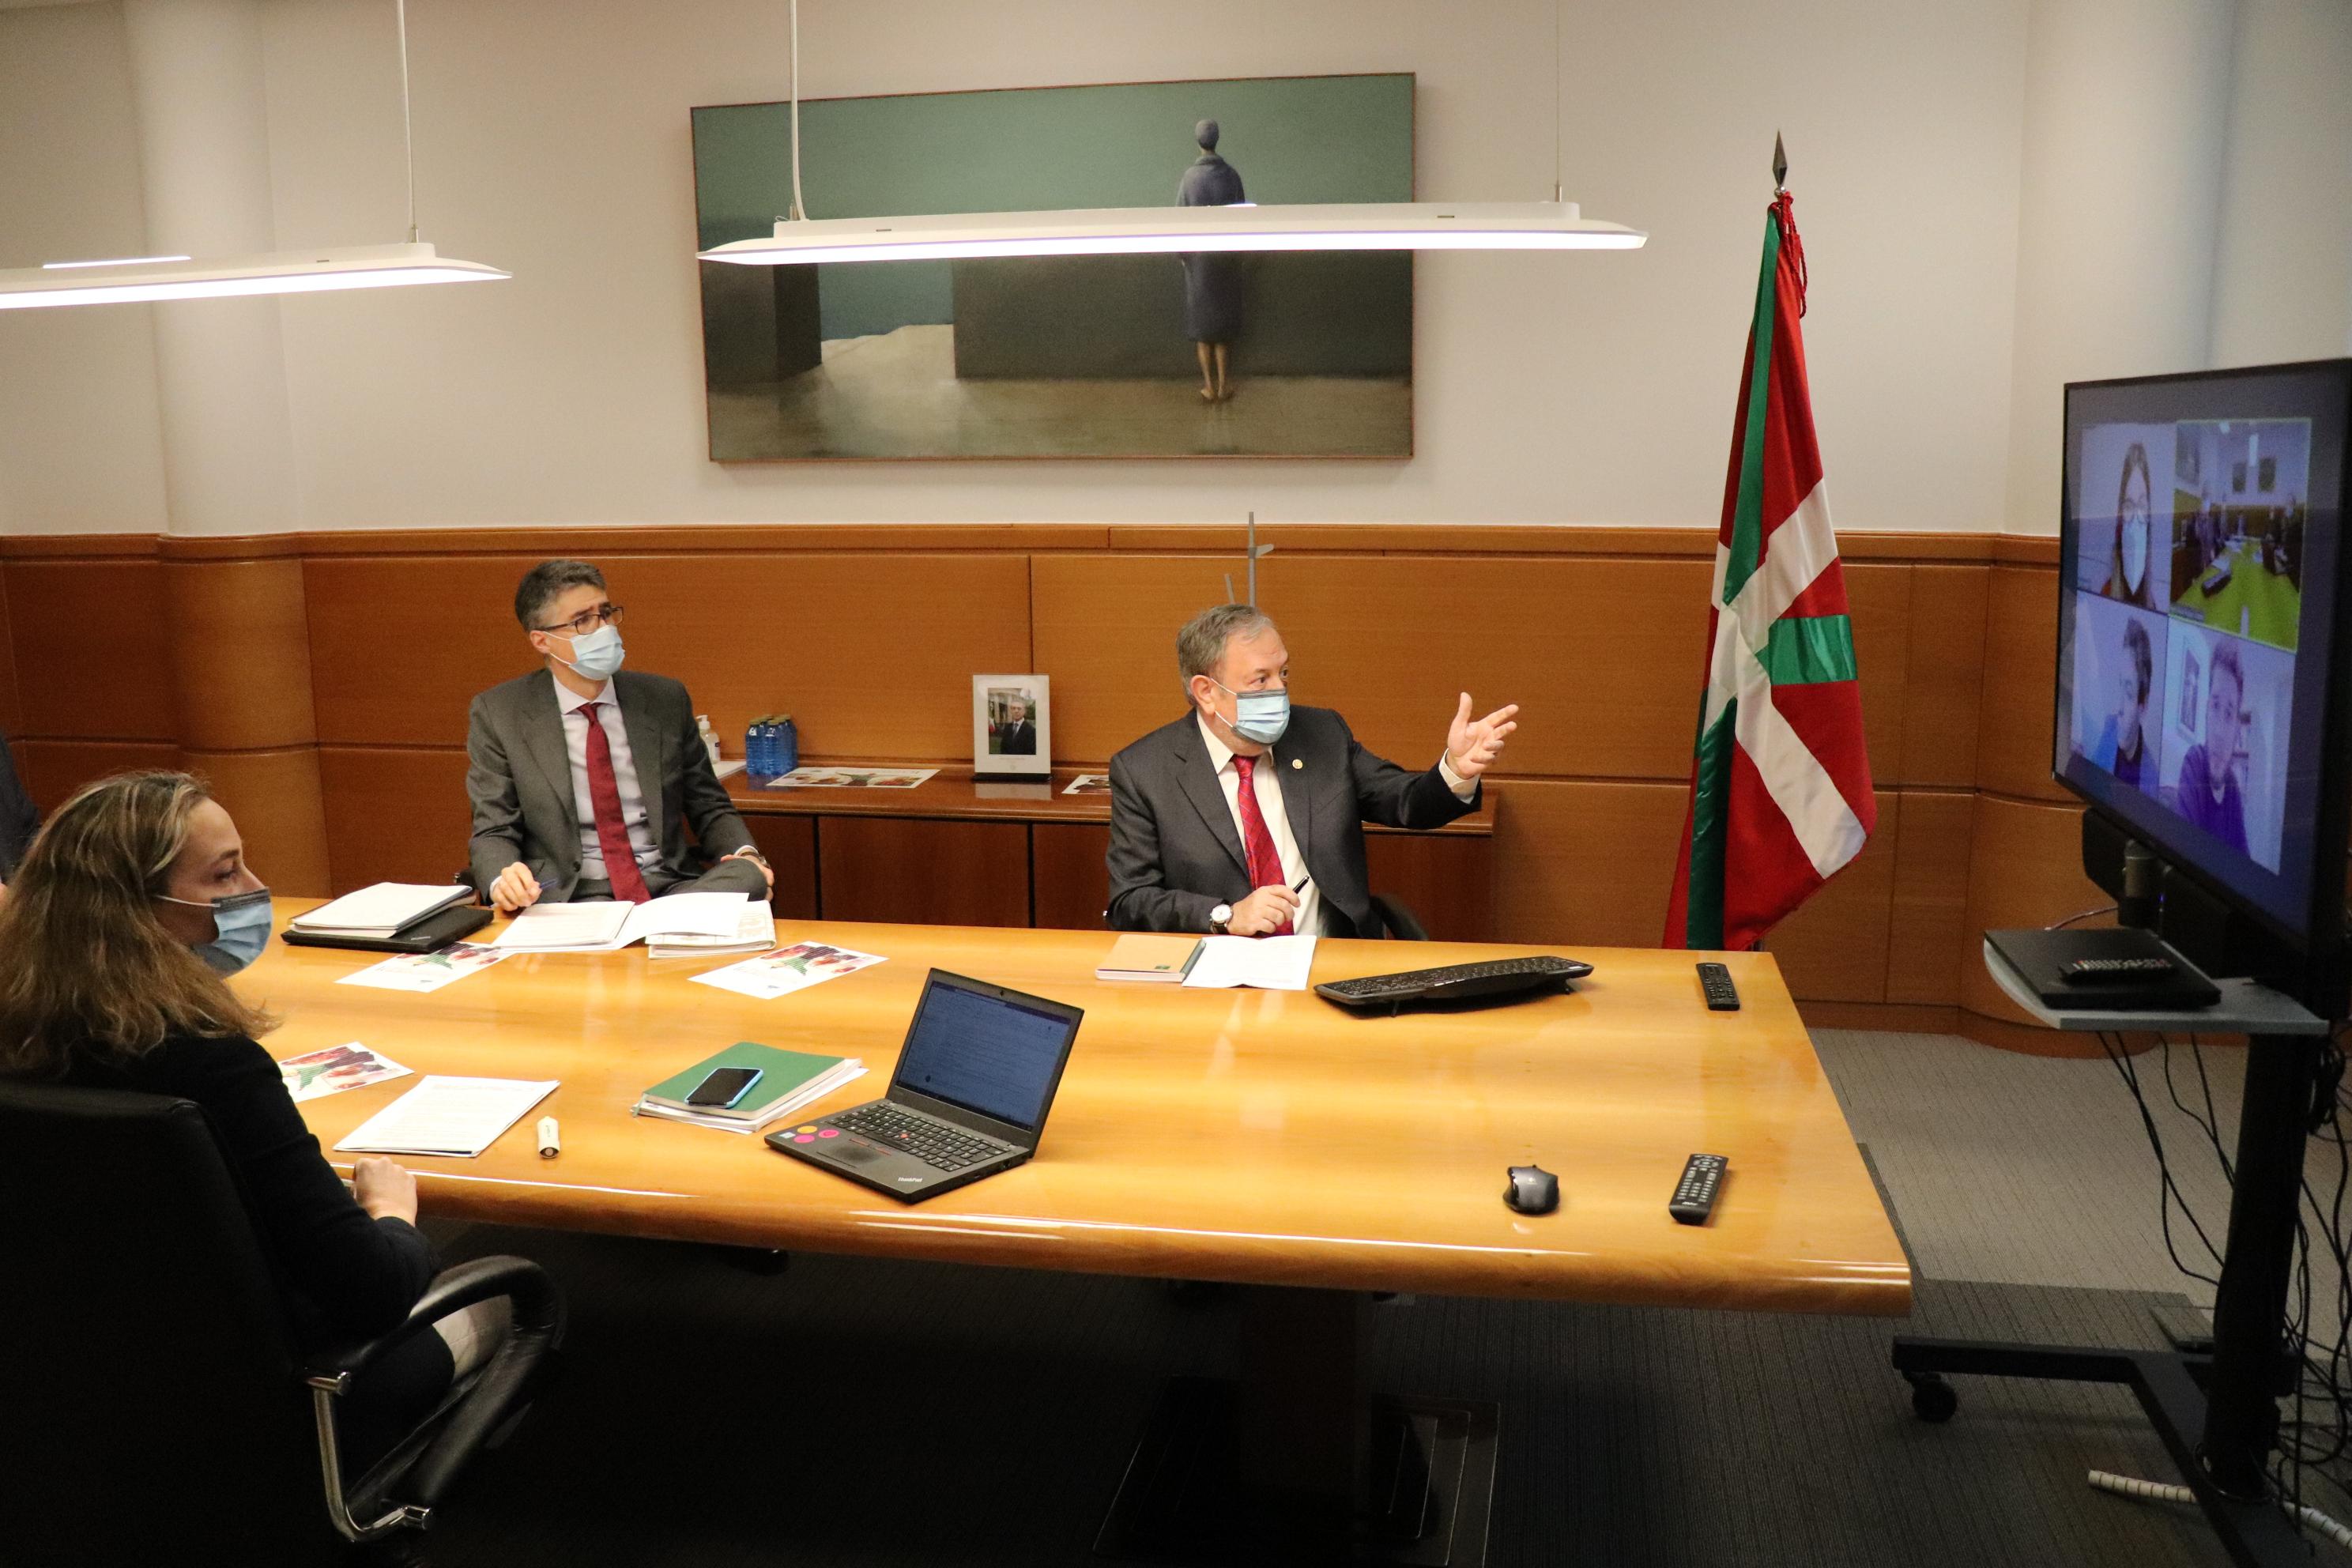 Segunda reunión de negociación (por videoconferencia) con el grupo parlamentario de ELKARREKIN PODEMOS+IU sobre el presupuesto de la CAV DE 2021 [1:31]